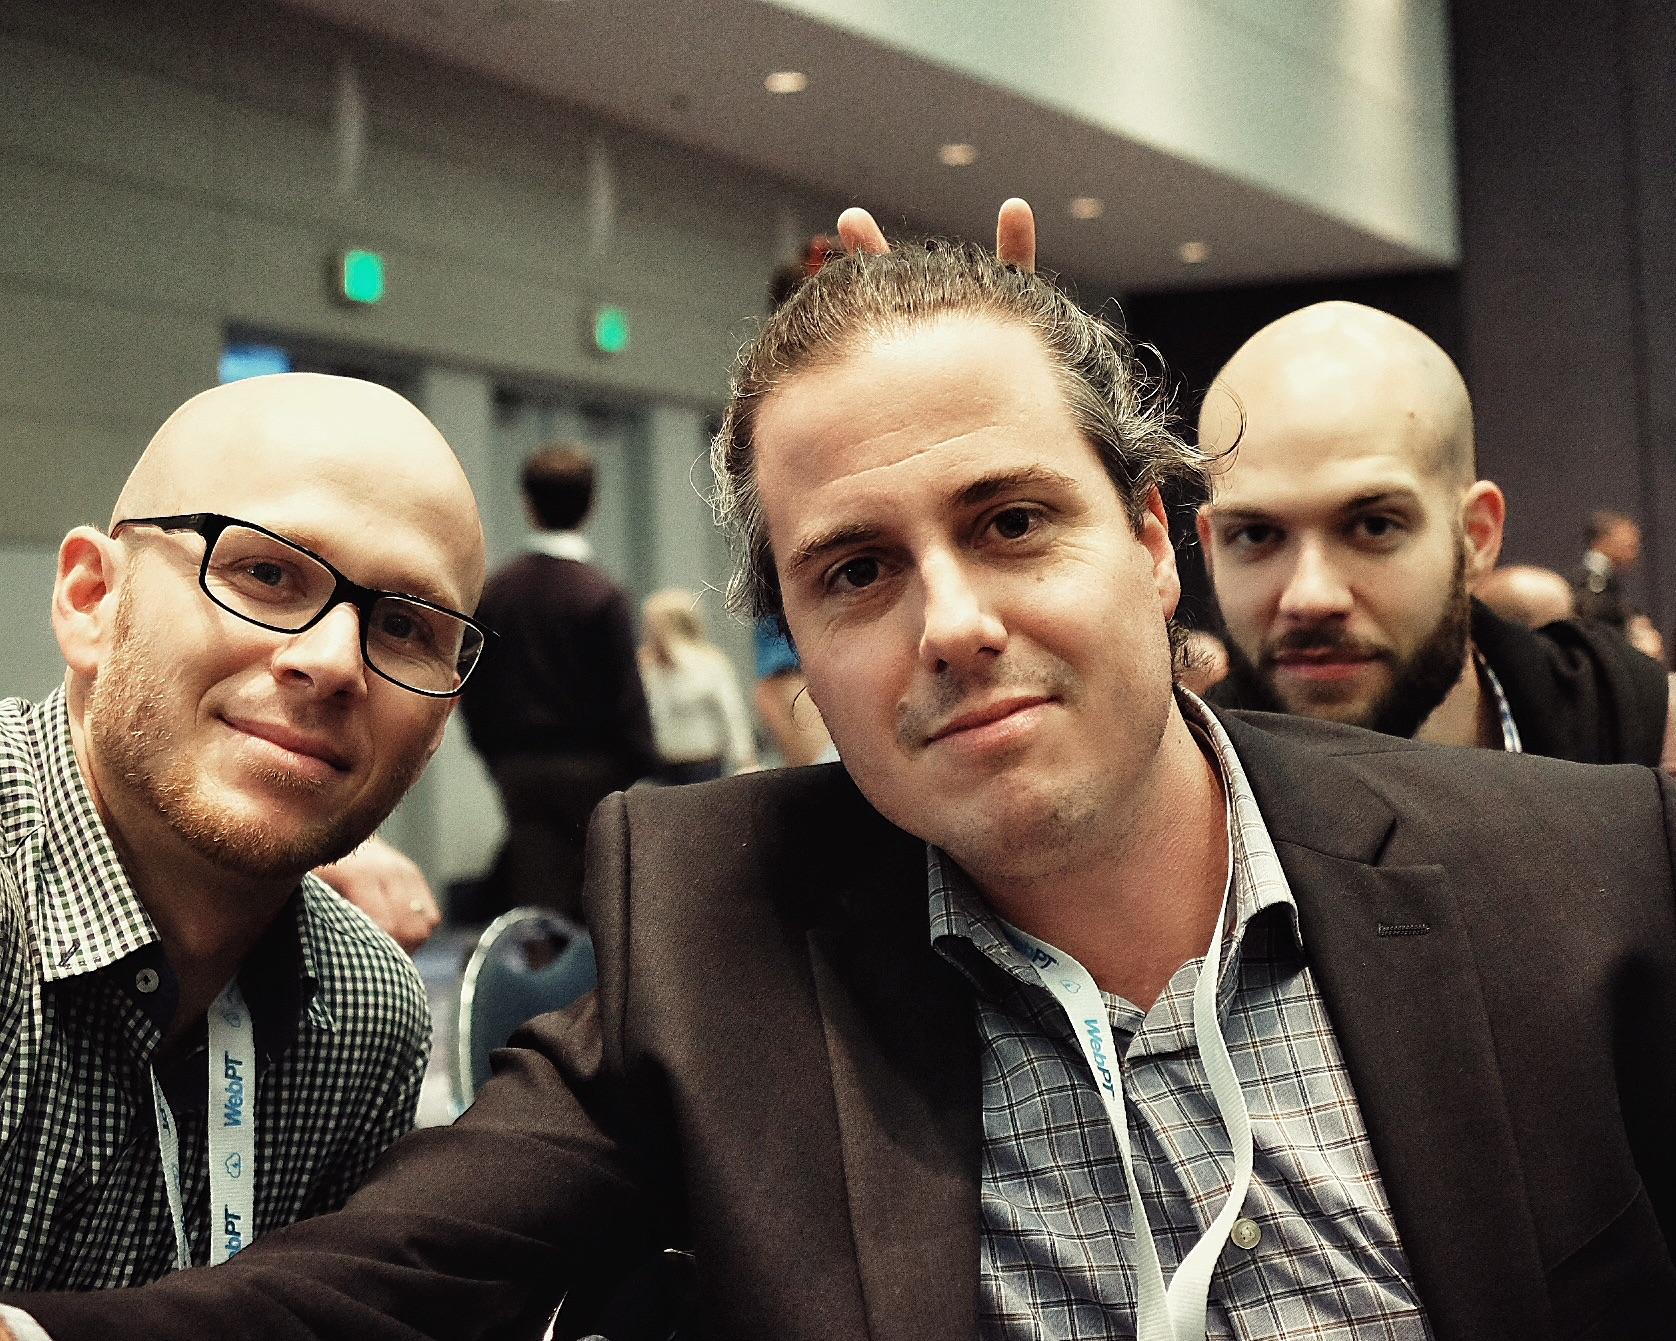 Left to Right: Brandan King, Andre Chavez, Stephen Morrison.